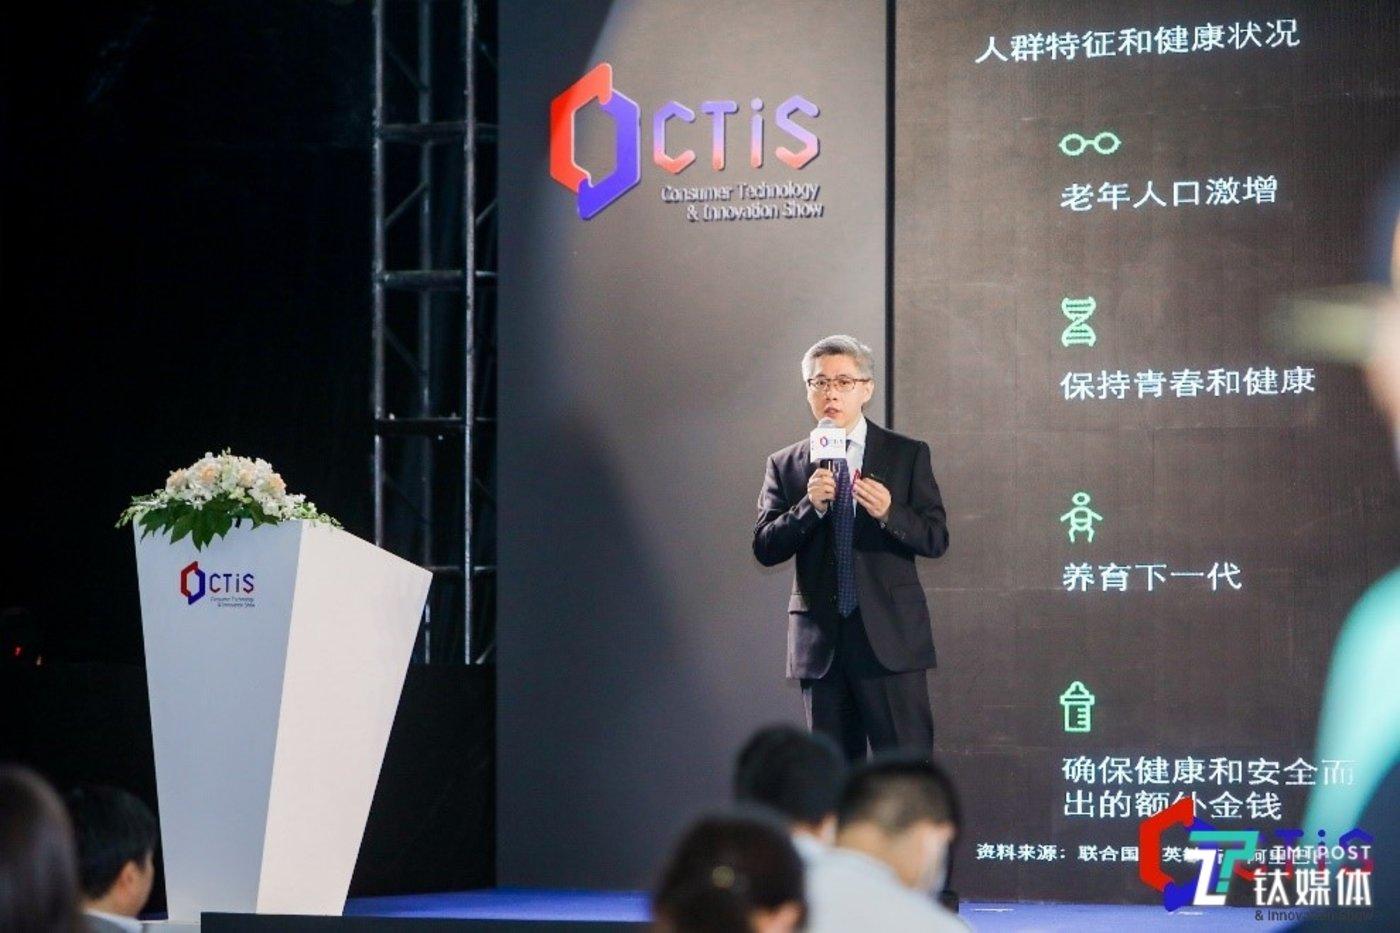 德勤中国科技行业领导合伙人廉勋晓演讲